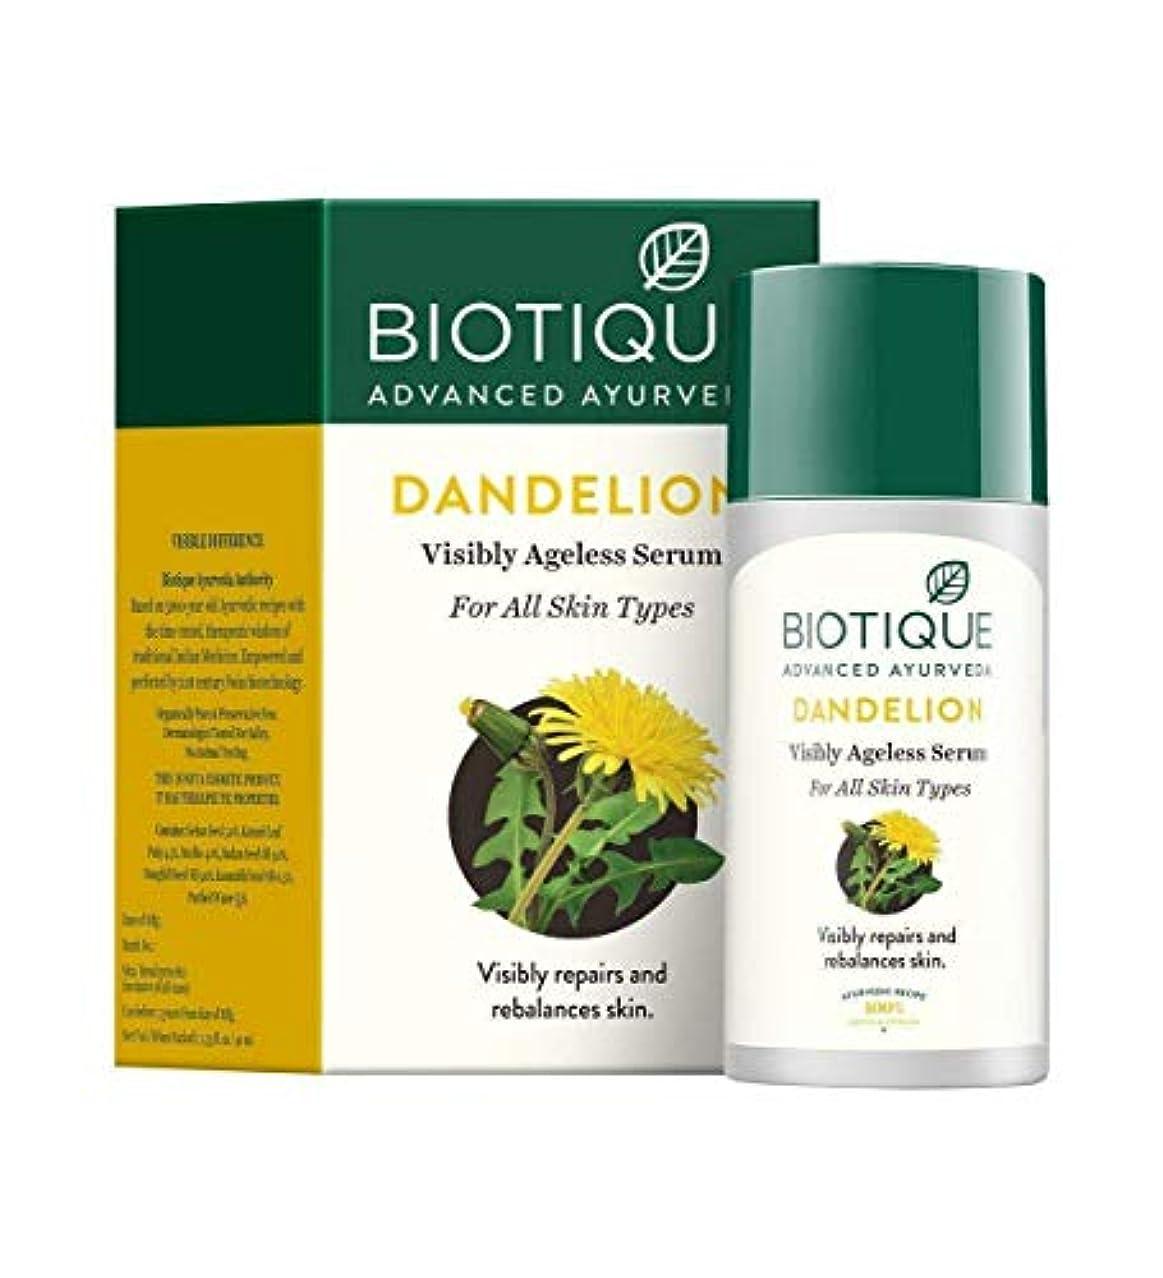 代わりにを立てる笑広がりBiotique Bio Dandelion Visibly Ageless lightening serum, 40 ml Rich in Vitamin E Biotiqueバイオタンポポ目に見えないエイジライトニング...